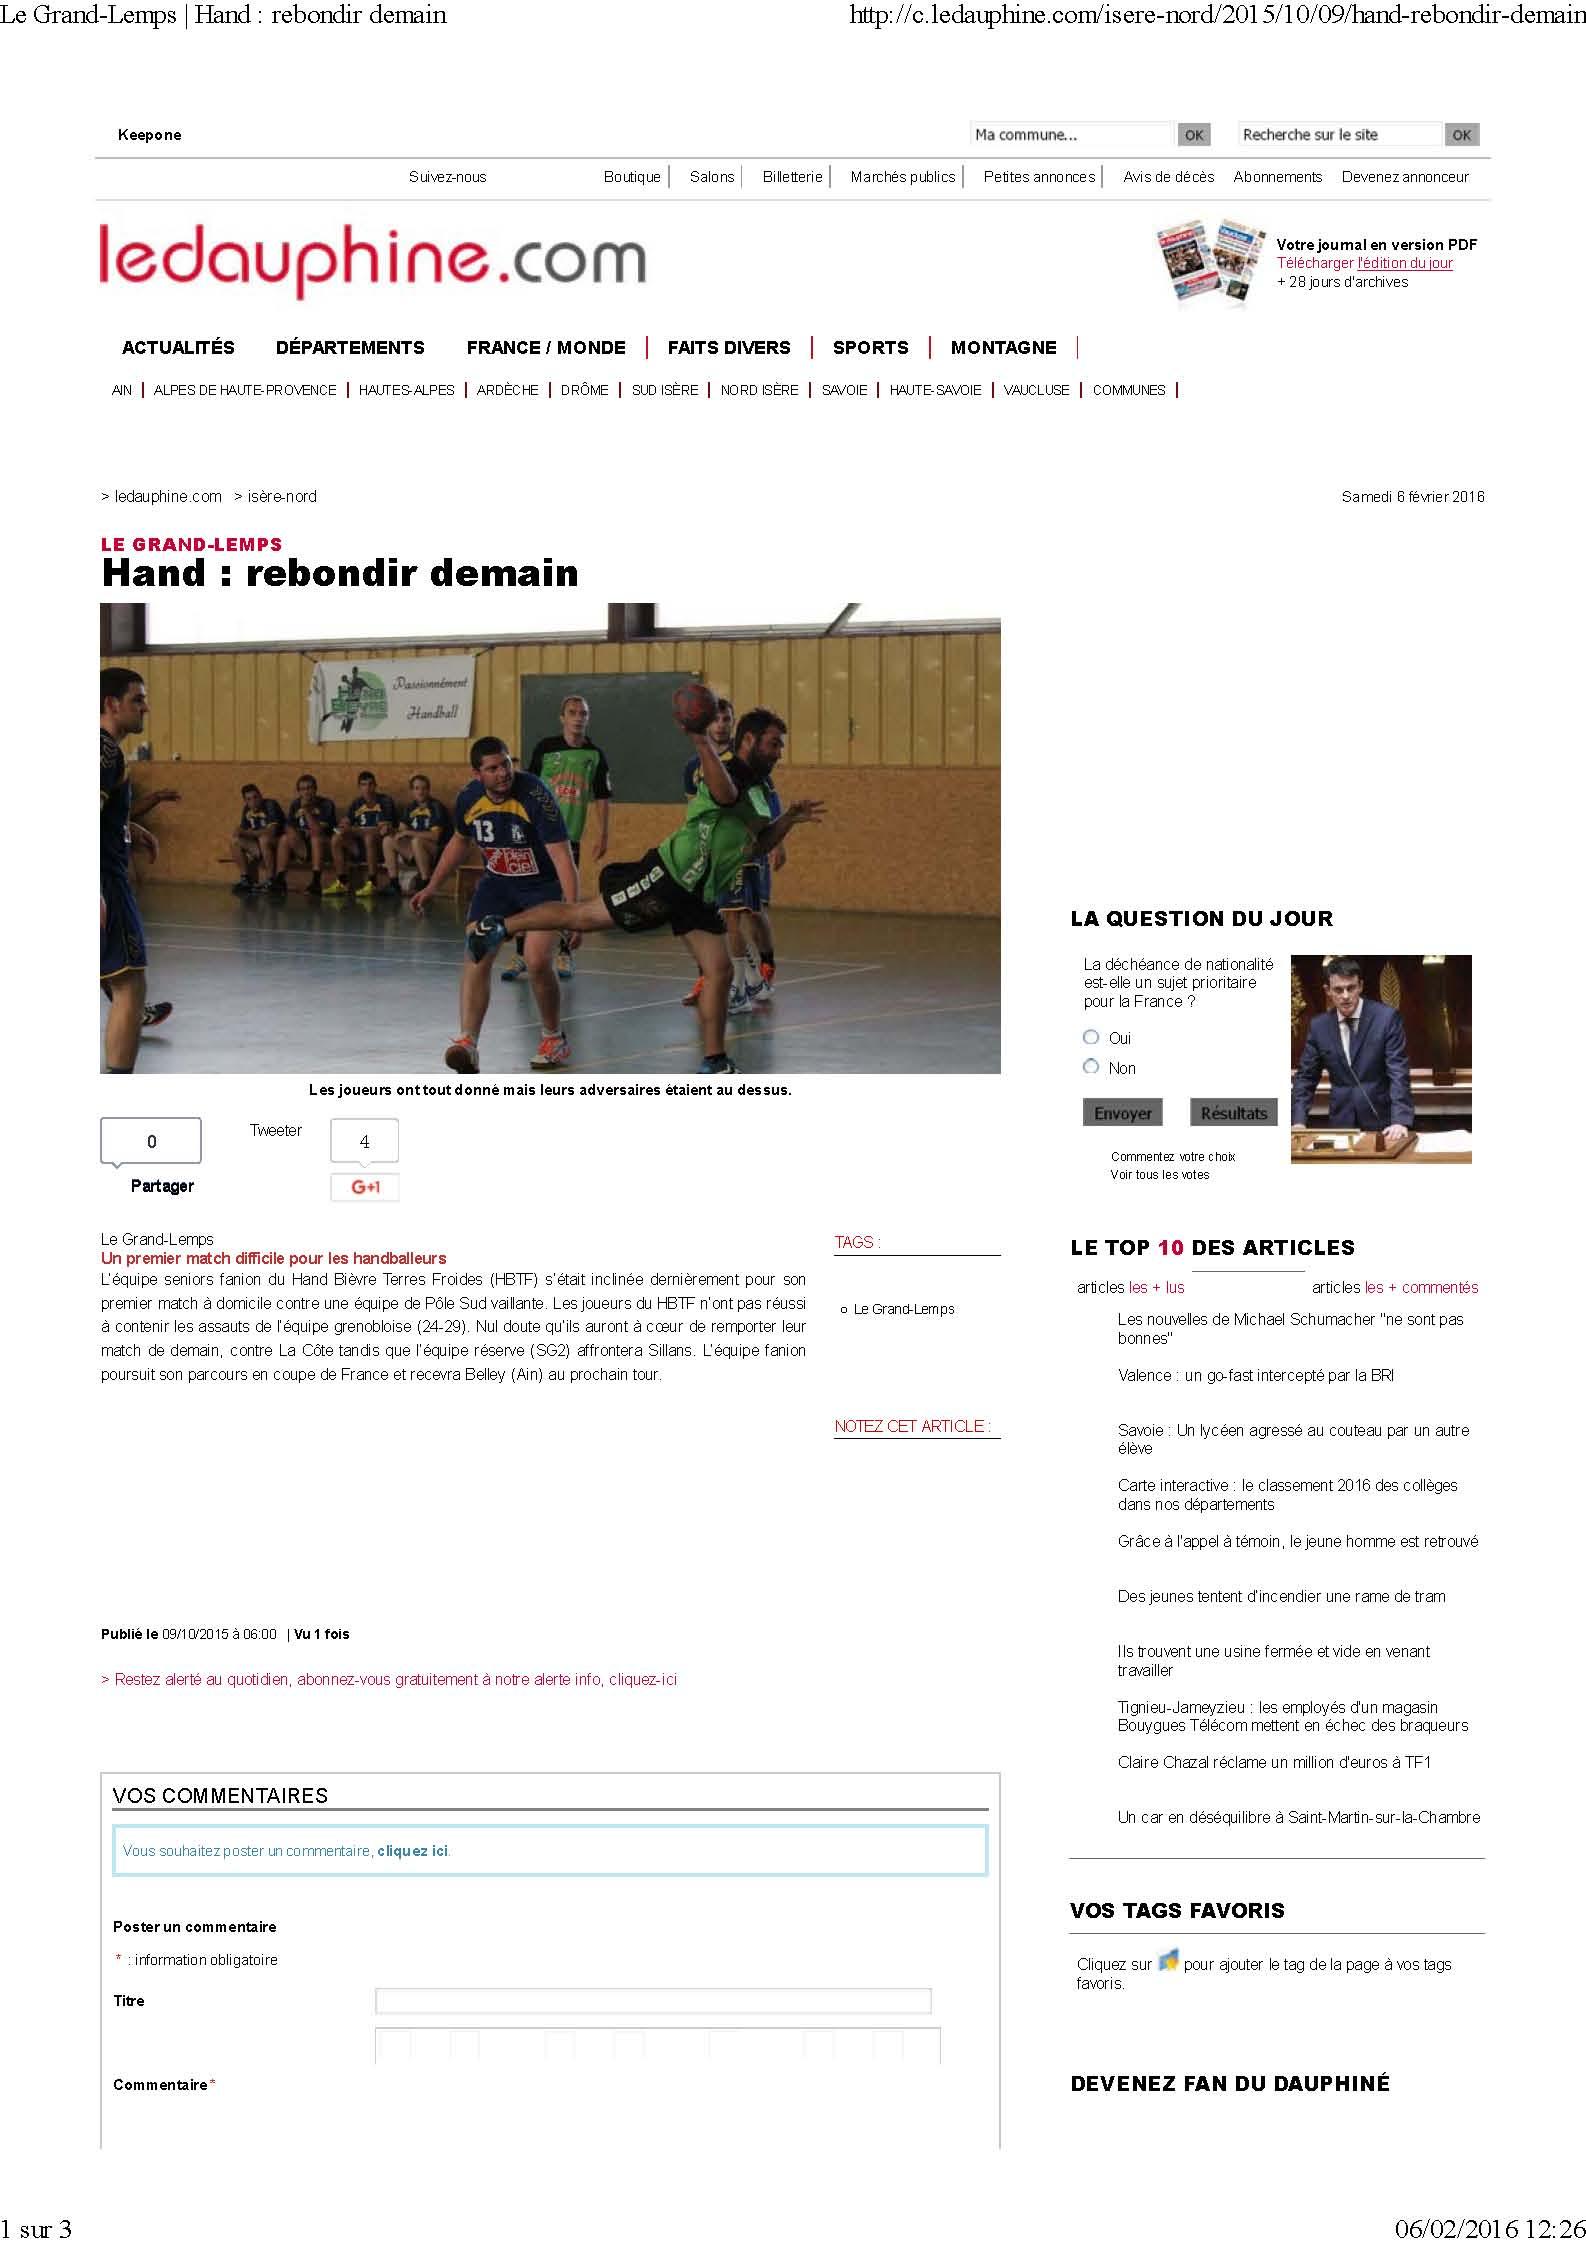 rebondir demain (article du Dauphiné Libéré) - Hand Bievre Terres Froides - Club de Handball en Isère